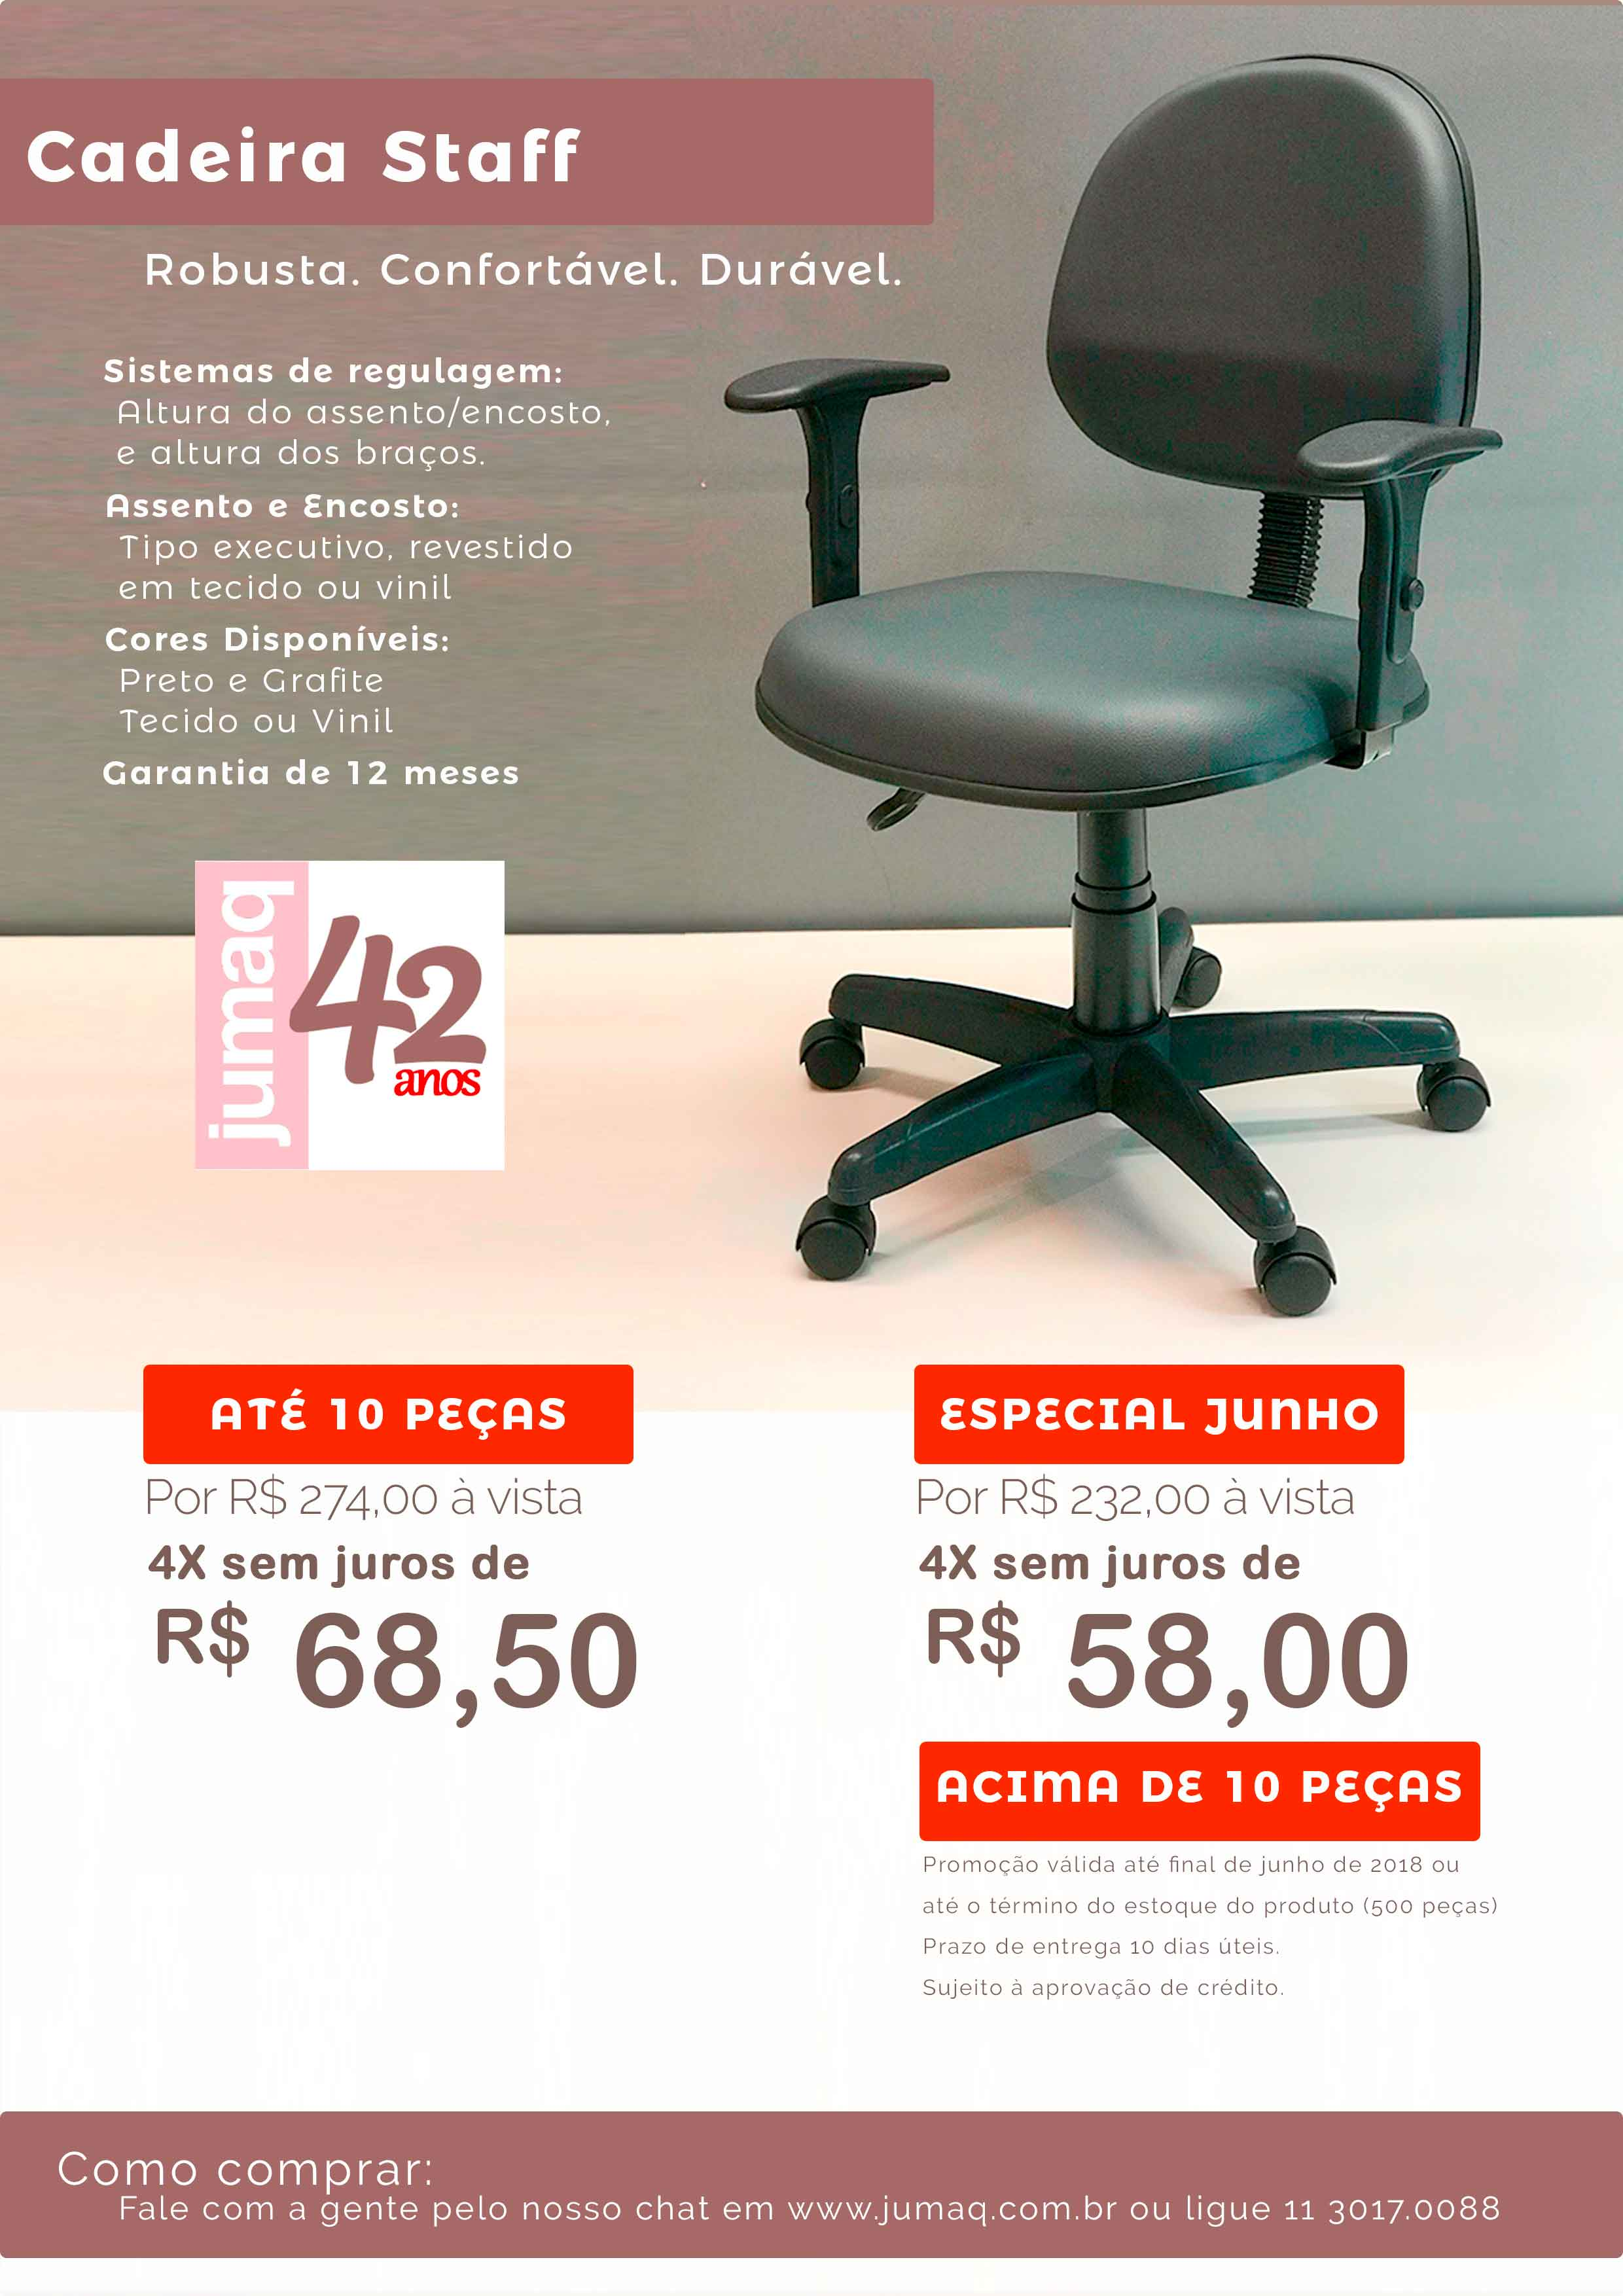 PROMOÇÃO cadeira staff JUNHO